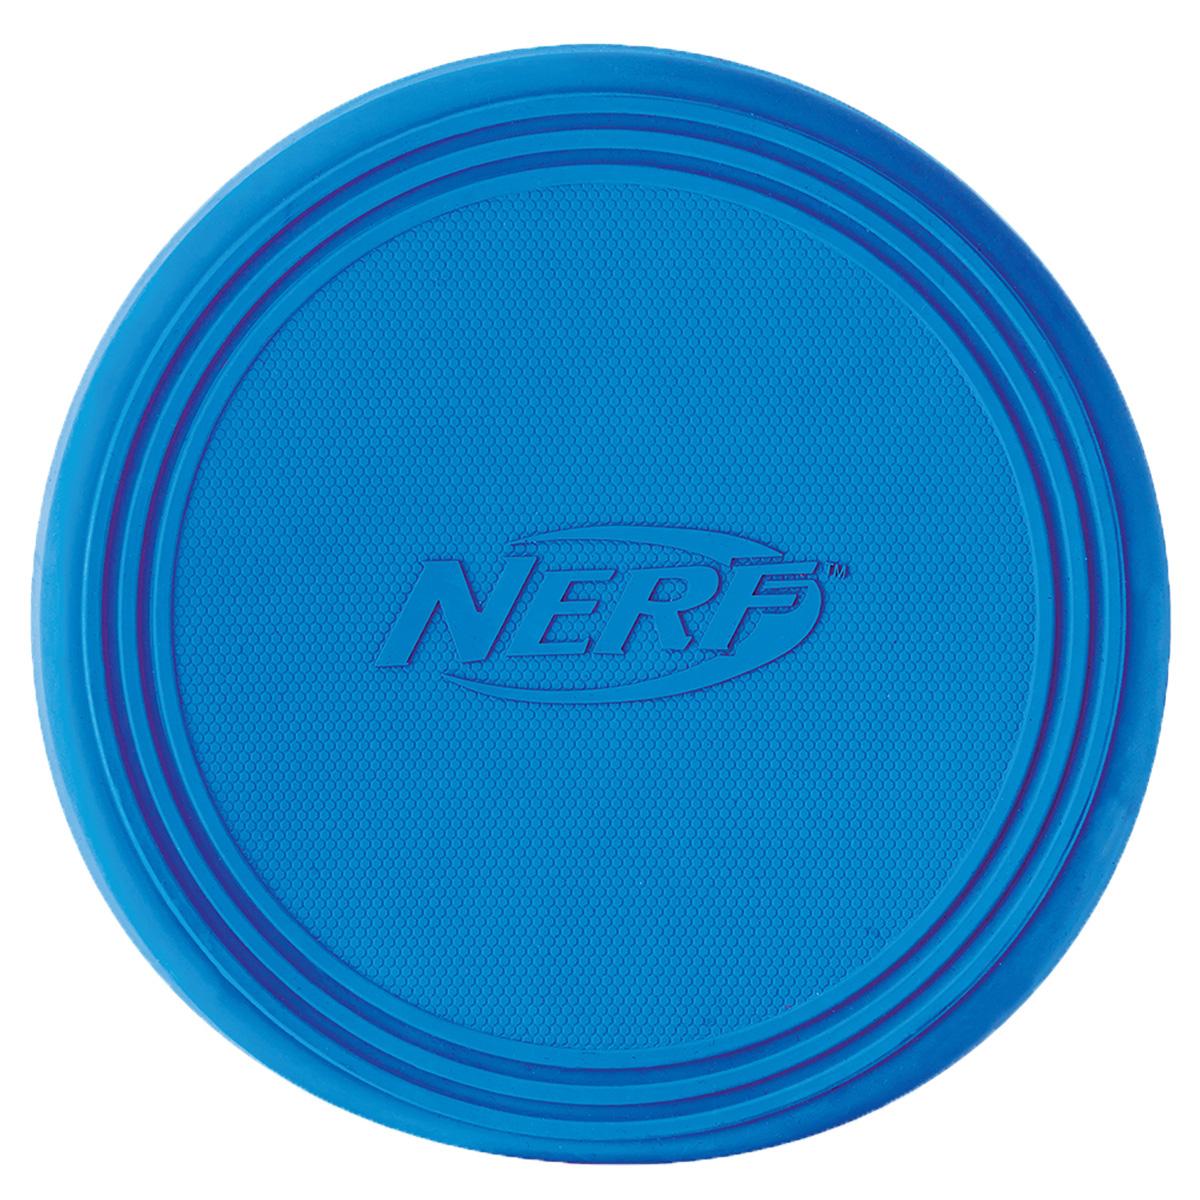 Игрушка для собак Nerf Диск для фрисби, цвет: голубой, 22,5 см0120710Летающая тарелка-фрисби Nerf - это удивительный спортивный снаряд, с которым не придется скучать.Кроме великолепных лётных качеств, диск безопасен для собачьих зубов и десен.Диск изготовлен из сверхпрочной резины, что обеспечивает долговечность использования.Высококачественные прочные материалы, из которых изготовлена игрушка, обеспечивают долговечность использования.Оптимальна для перетягивания, подходит для игры двух собак.Яркие привлекательные цвета.Размер: 22,5 см.